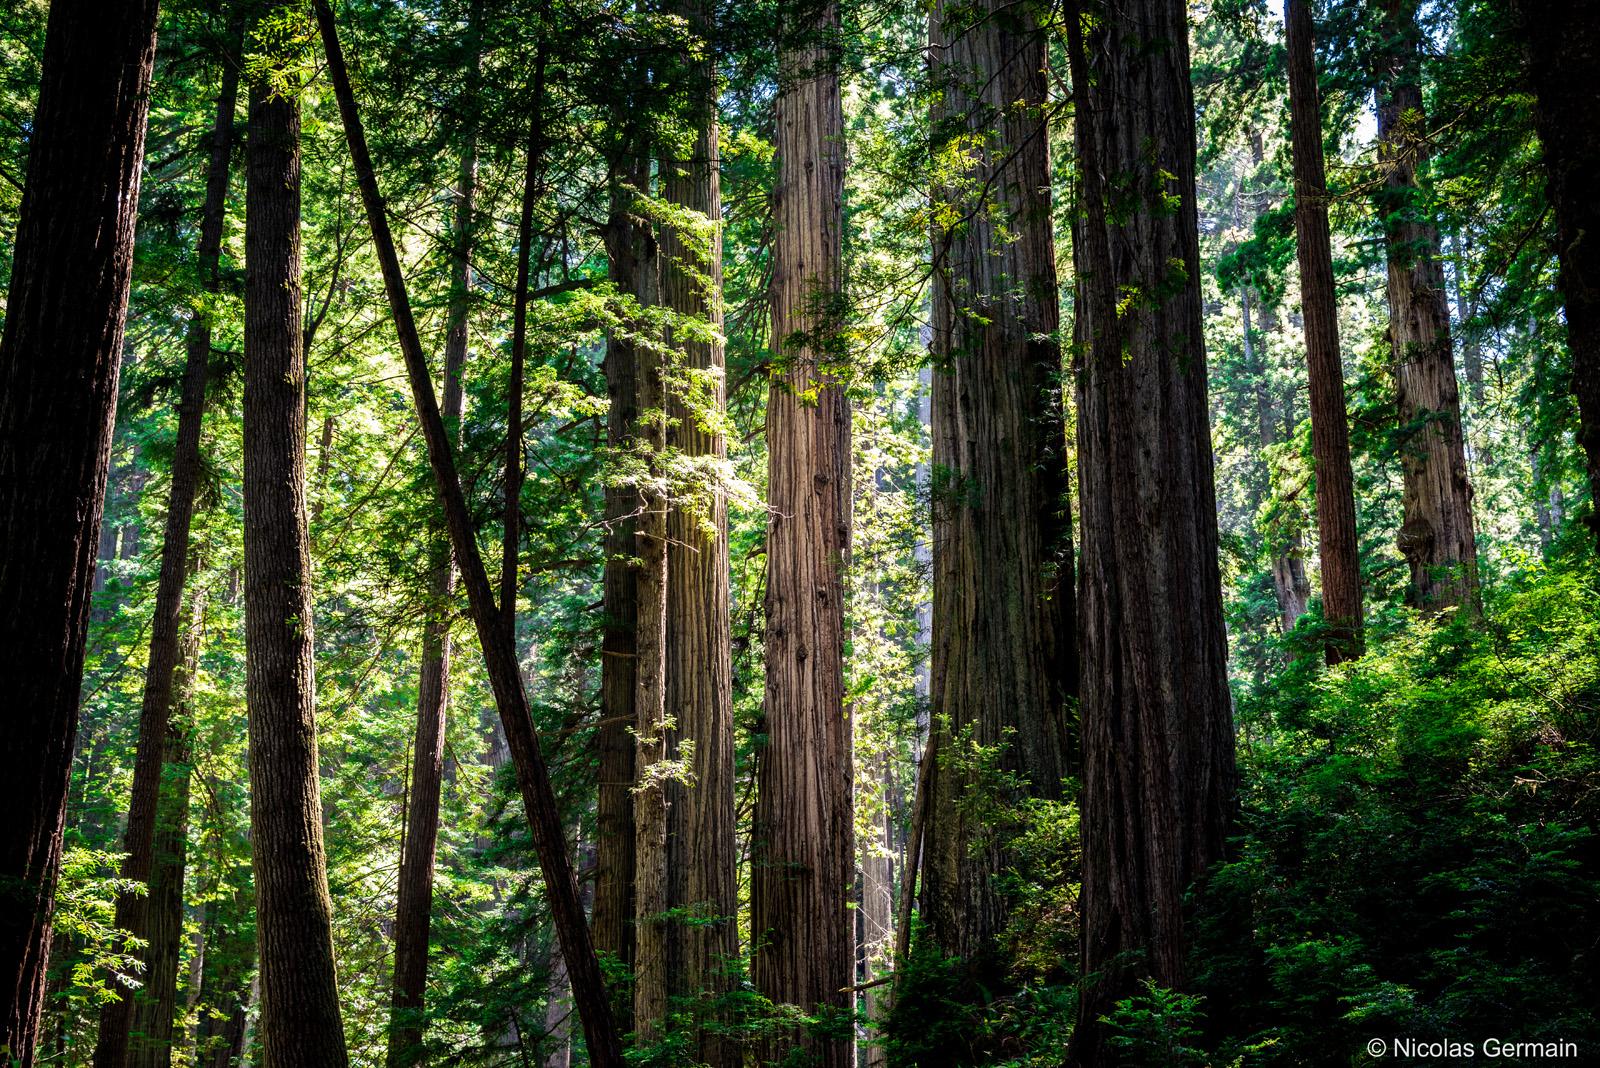 Atmosphère envoutante dans la forêt de séquoias de Prairie Creek Redwoods State Park sur James Irvine Trail